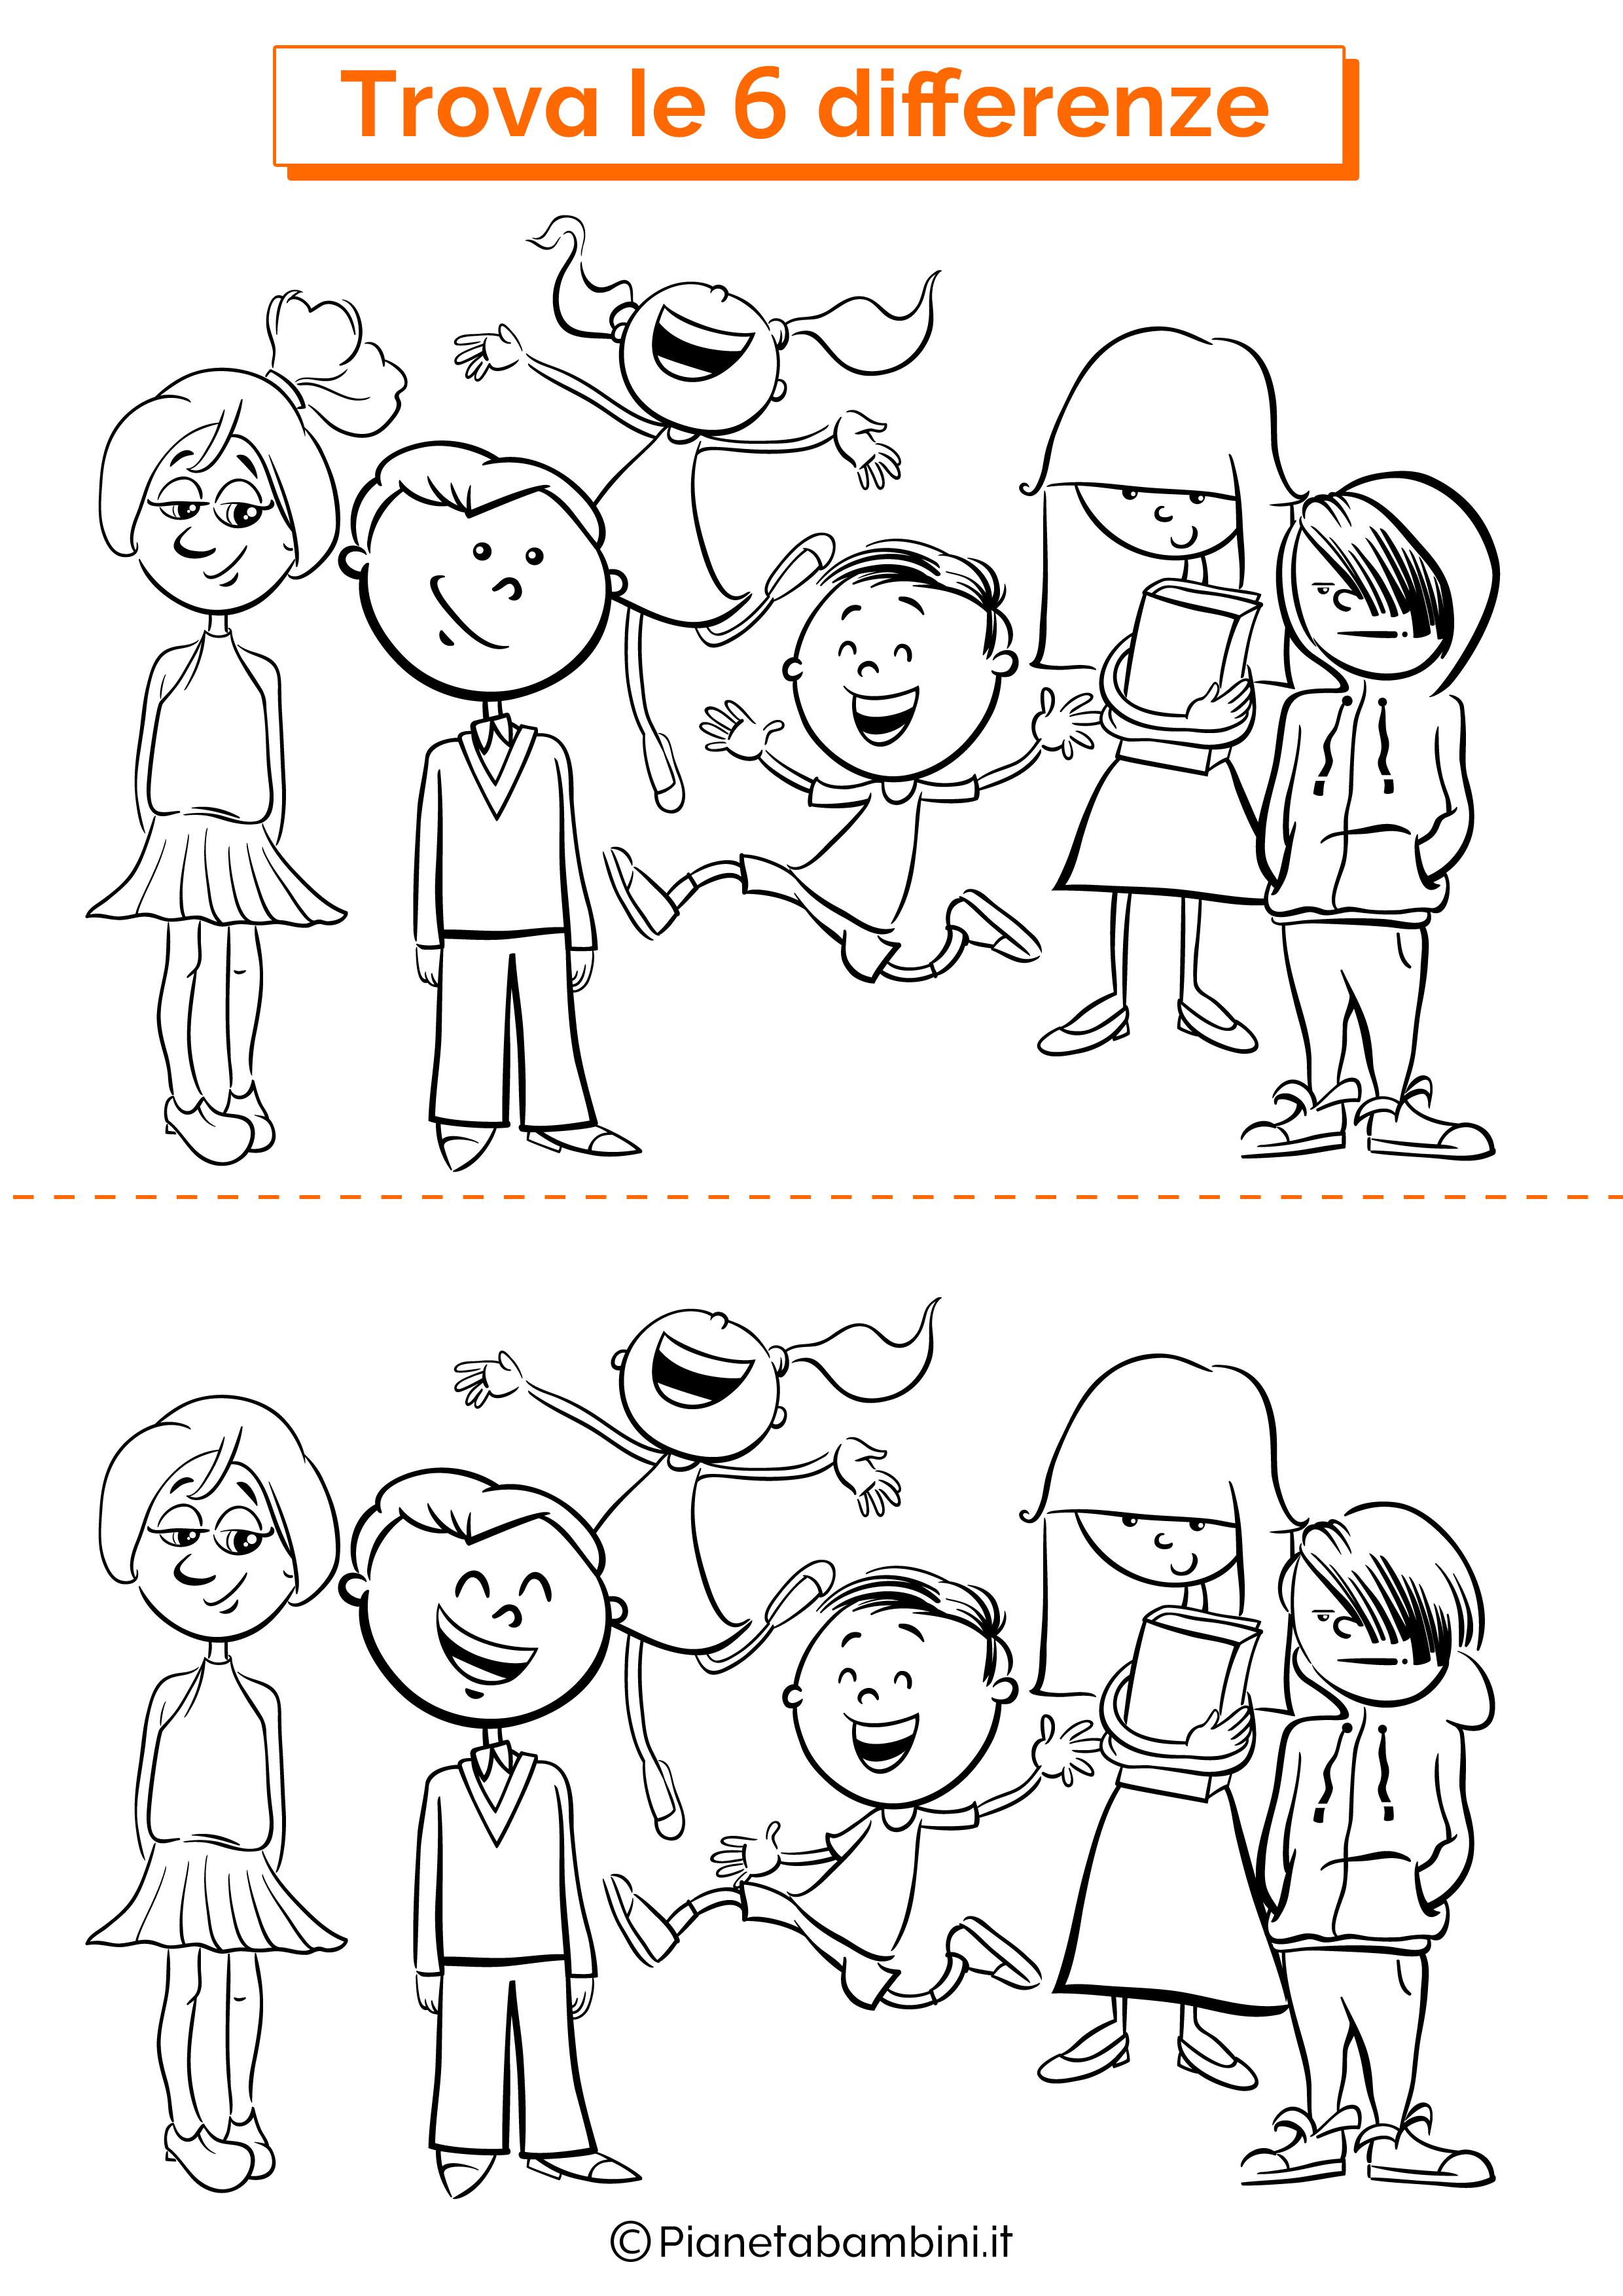 Disegno trova 6 differenze alunni